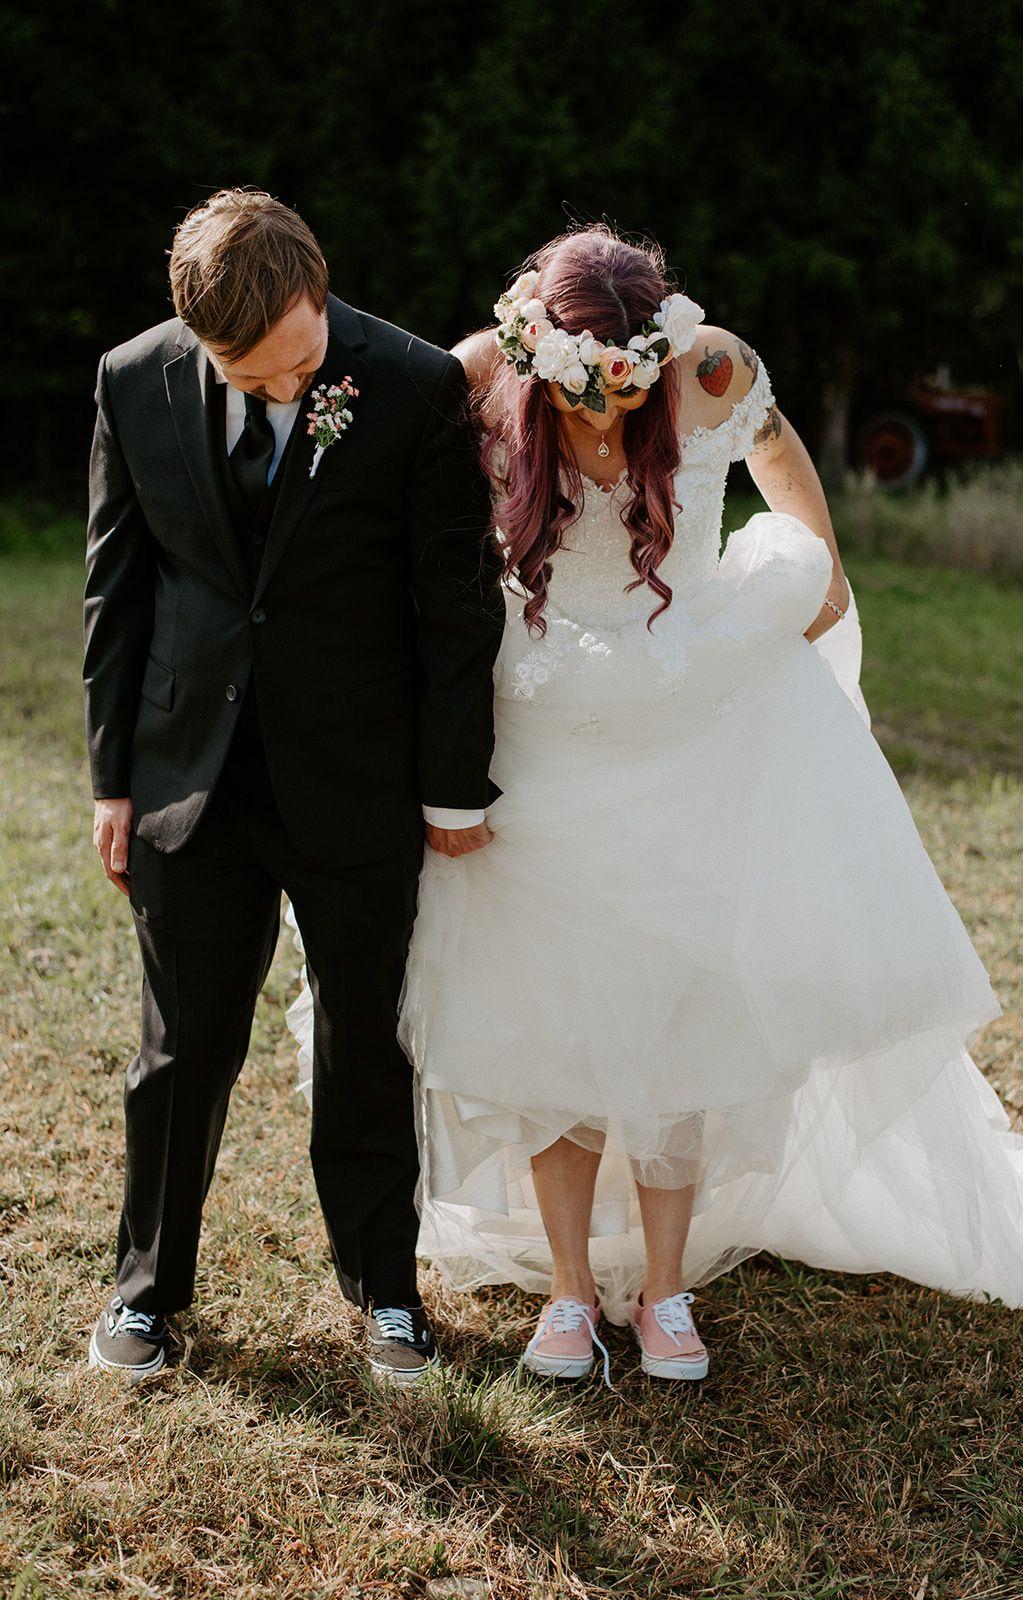 Bride and groom wedding vans | Wedding vans, Bride, Wedding photoshoot